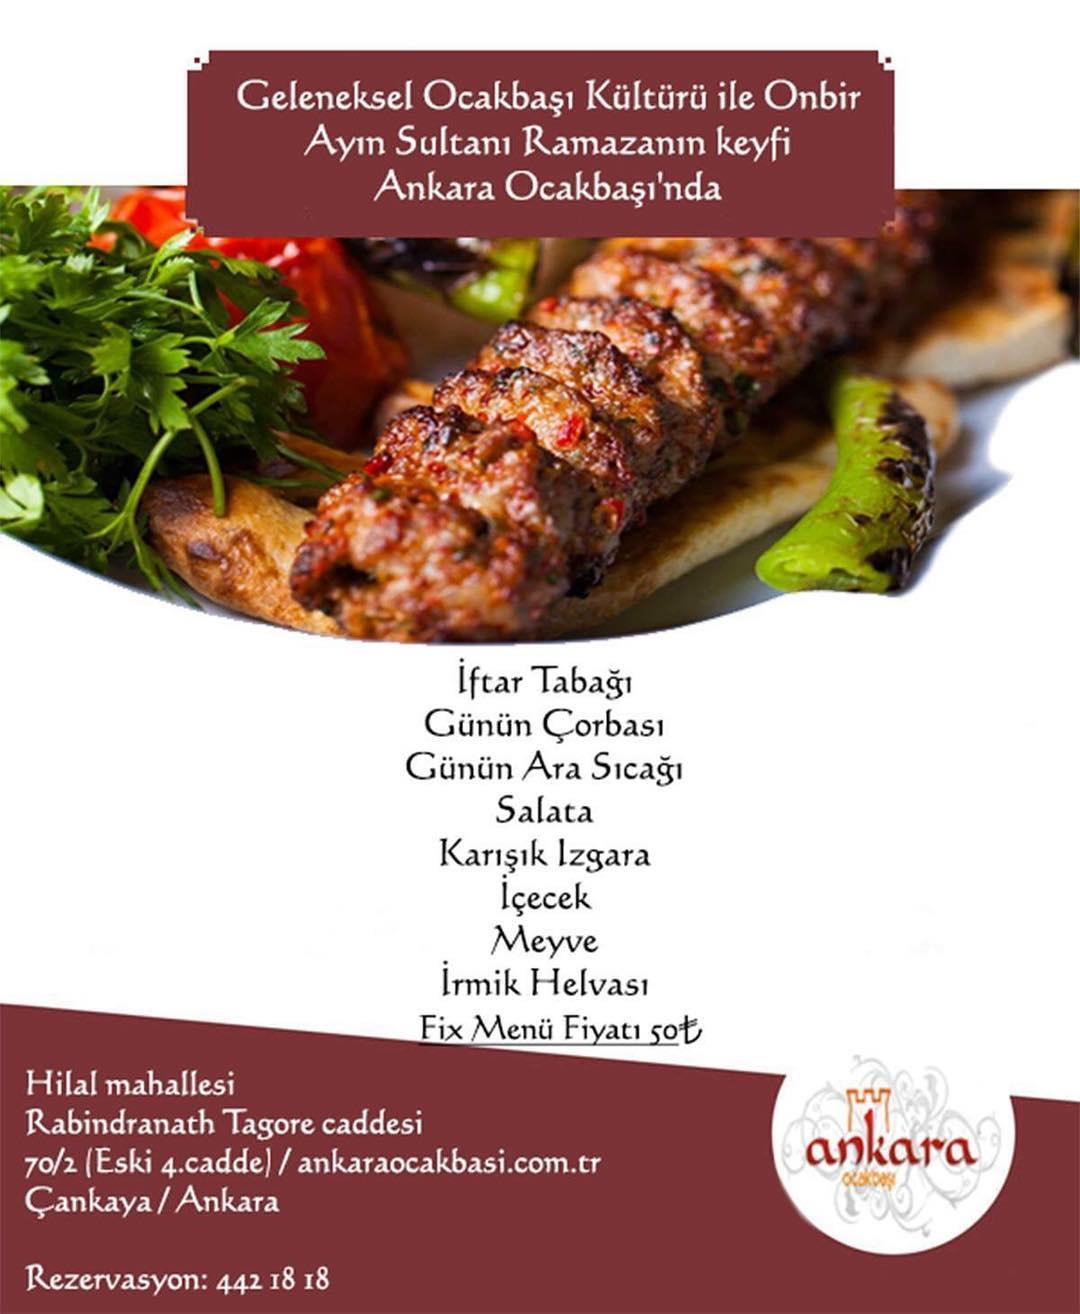 ankara-ocakbasi-iftar